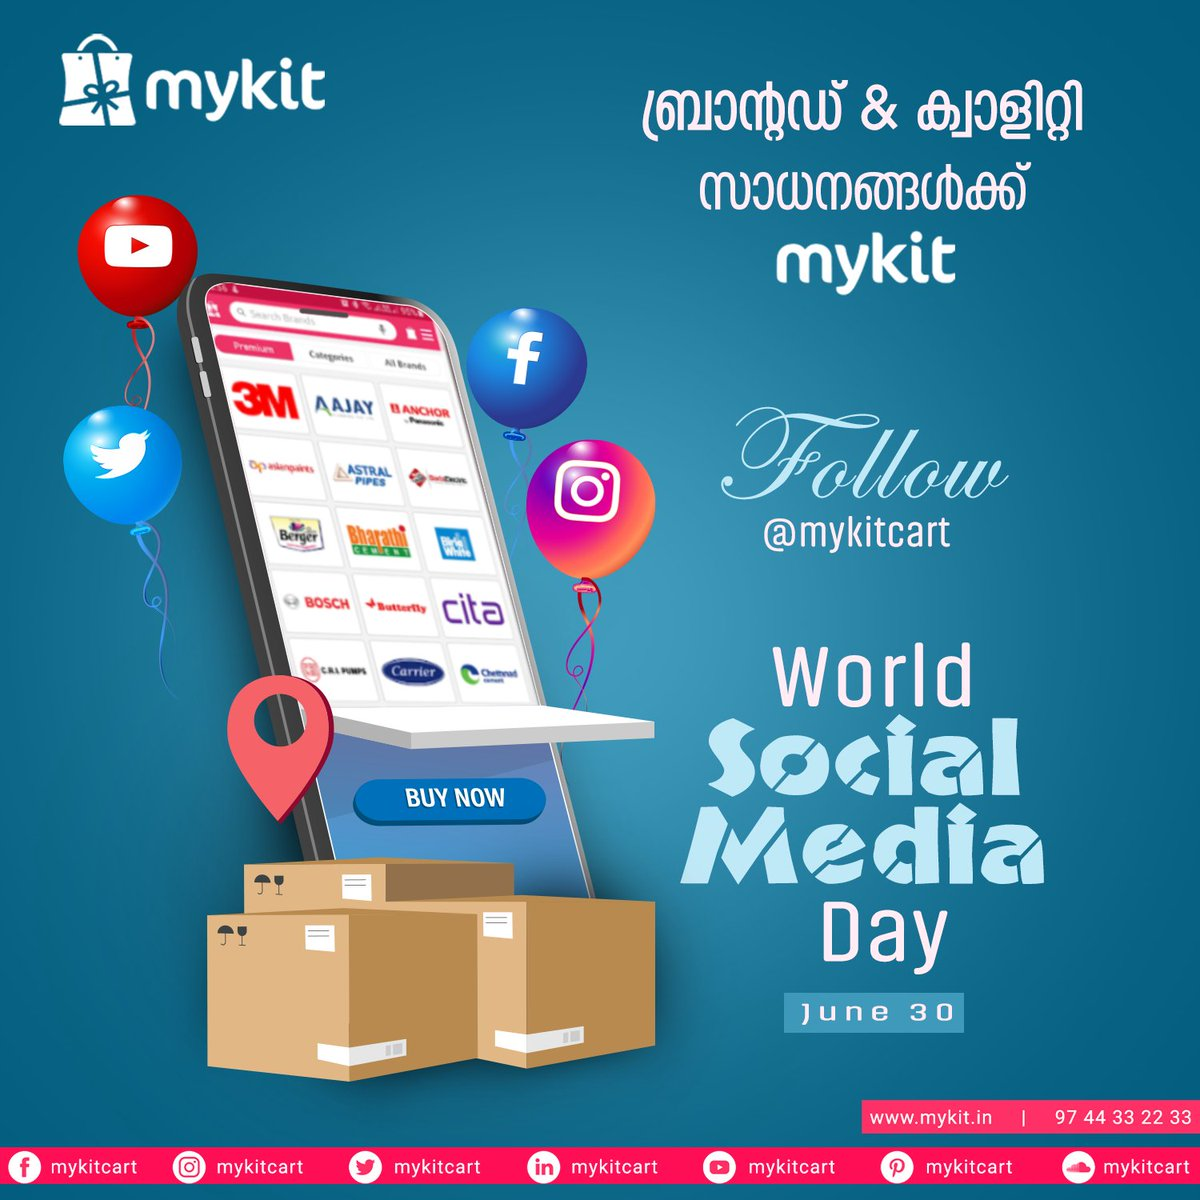 ബ്രാൻഡ് & ക്വാളിറ്റി സാധനങ്ങൾക്ക് myKit  Follow @mykitcart   World Social Media Day   #mykit #mykitcart  #brandyourhome #socialmedia #socialmediaday #socialvibe #besocial #onlineshopping #kannur #ecommerce #kerala https://t.co/rpbtwguj2l